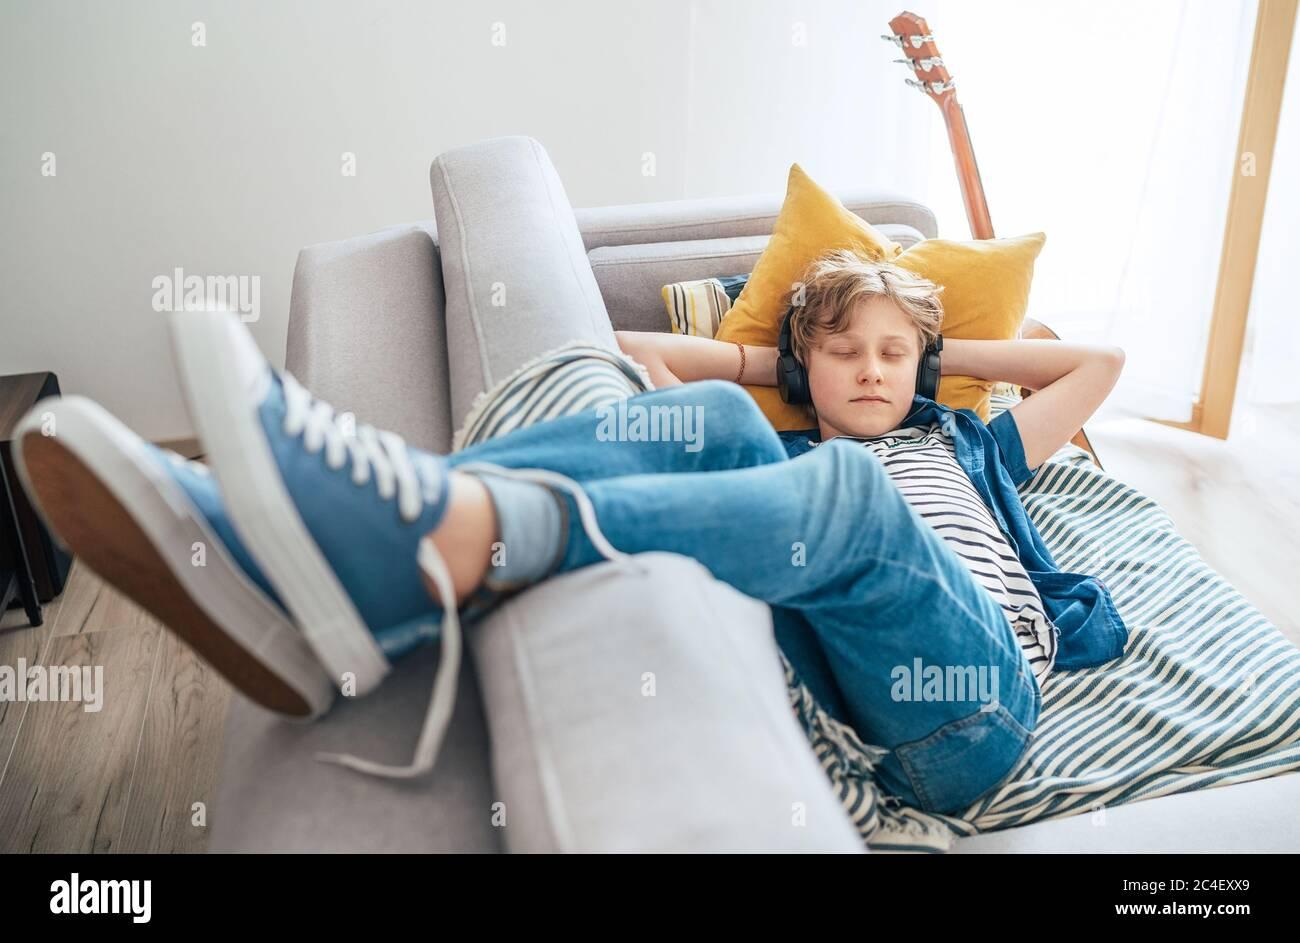 Un garçon qui dormait dans le salon de la maison, baigné de lumière du soleil sur le canapé confortable, habillé décontracté jeans et baskets à l'écoute de la musique Banque D'Images